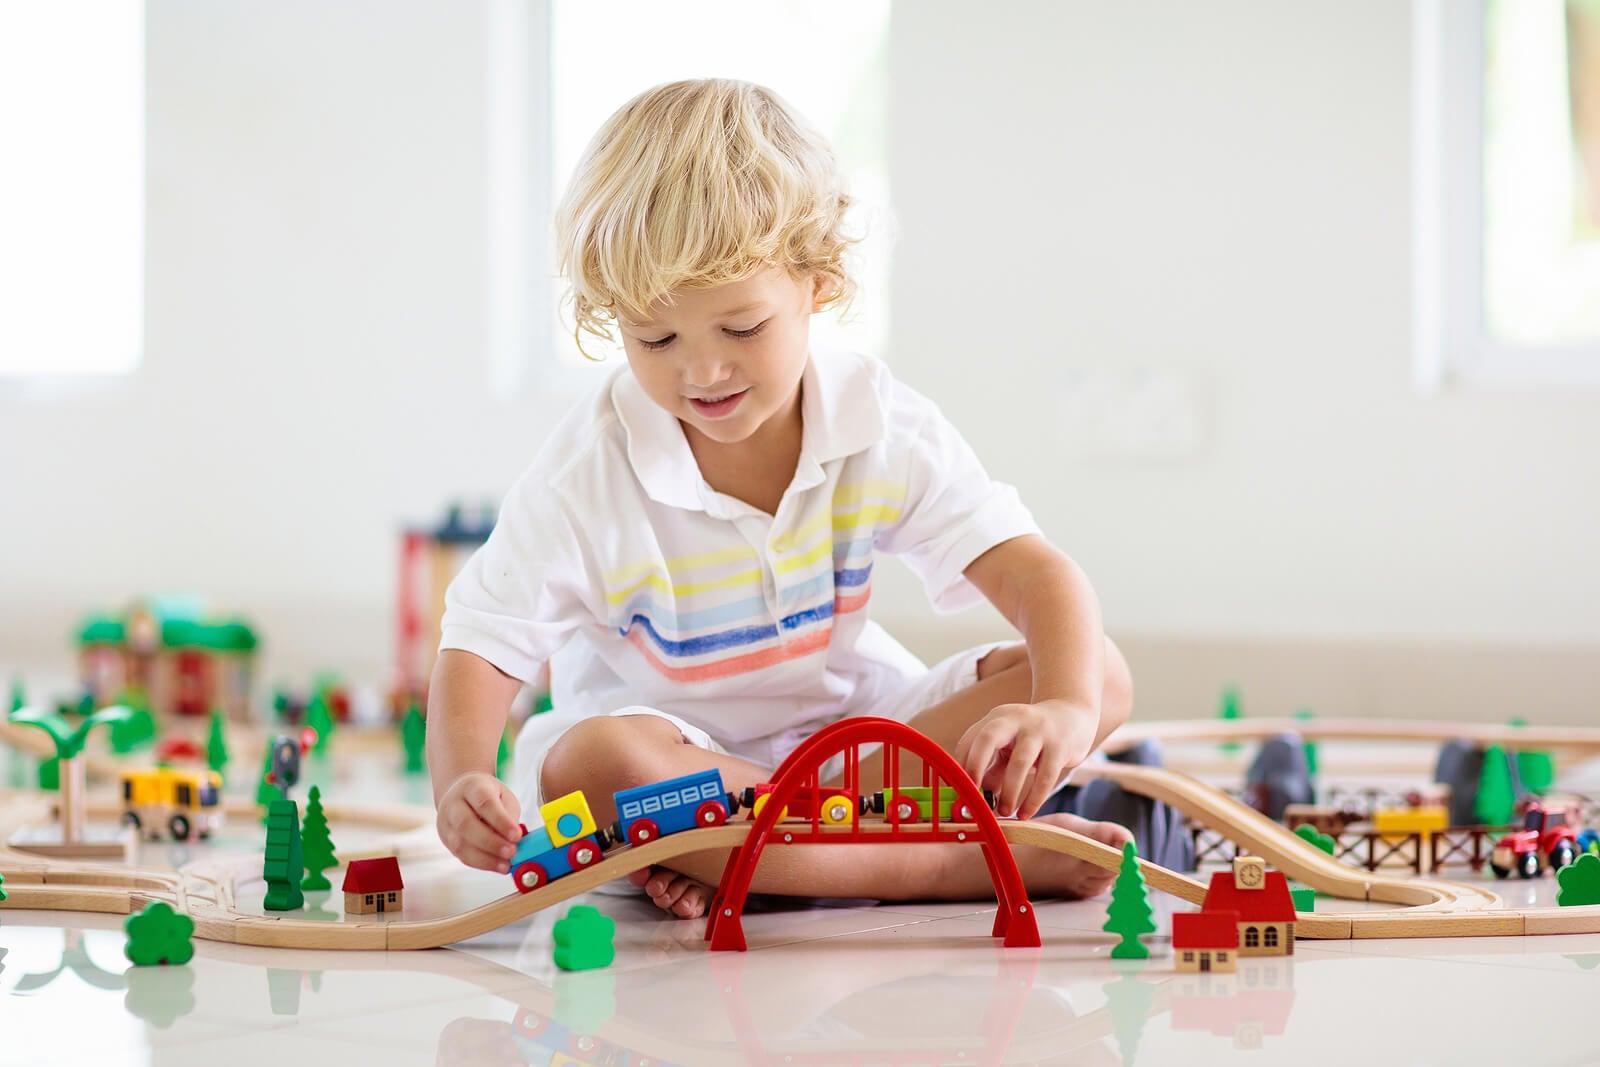 Niño jugando con trenes de madera.